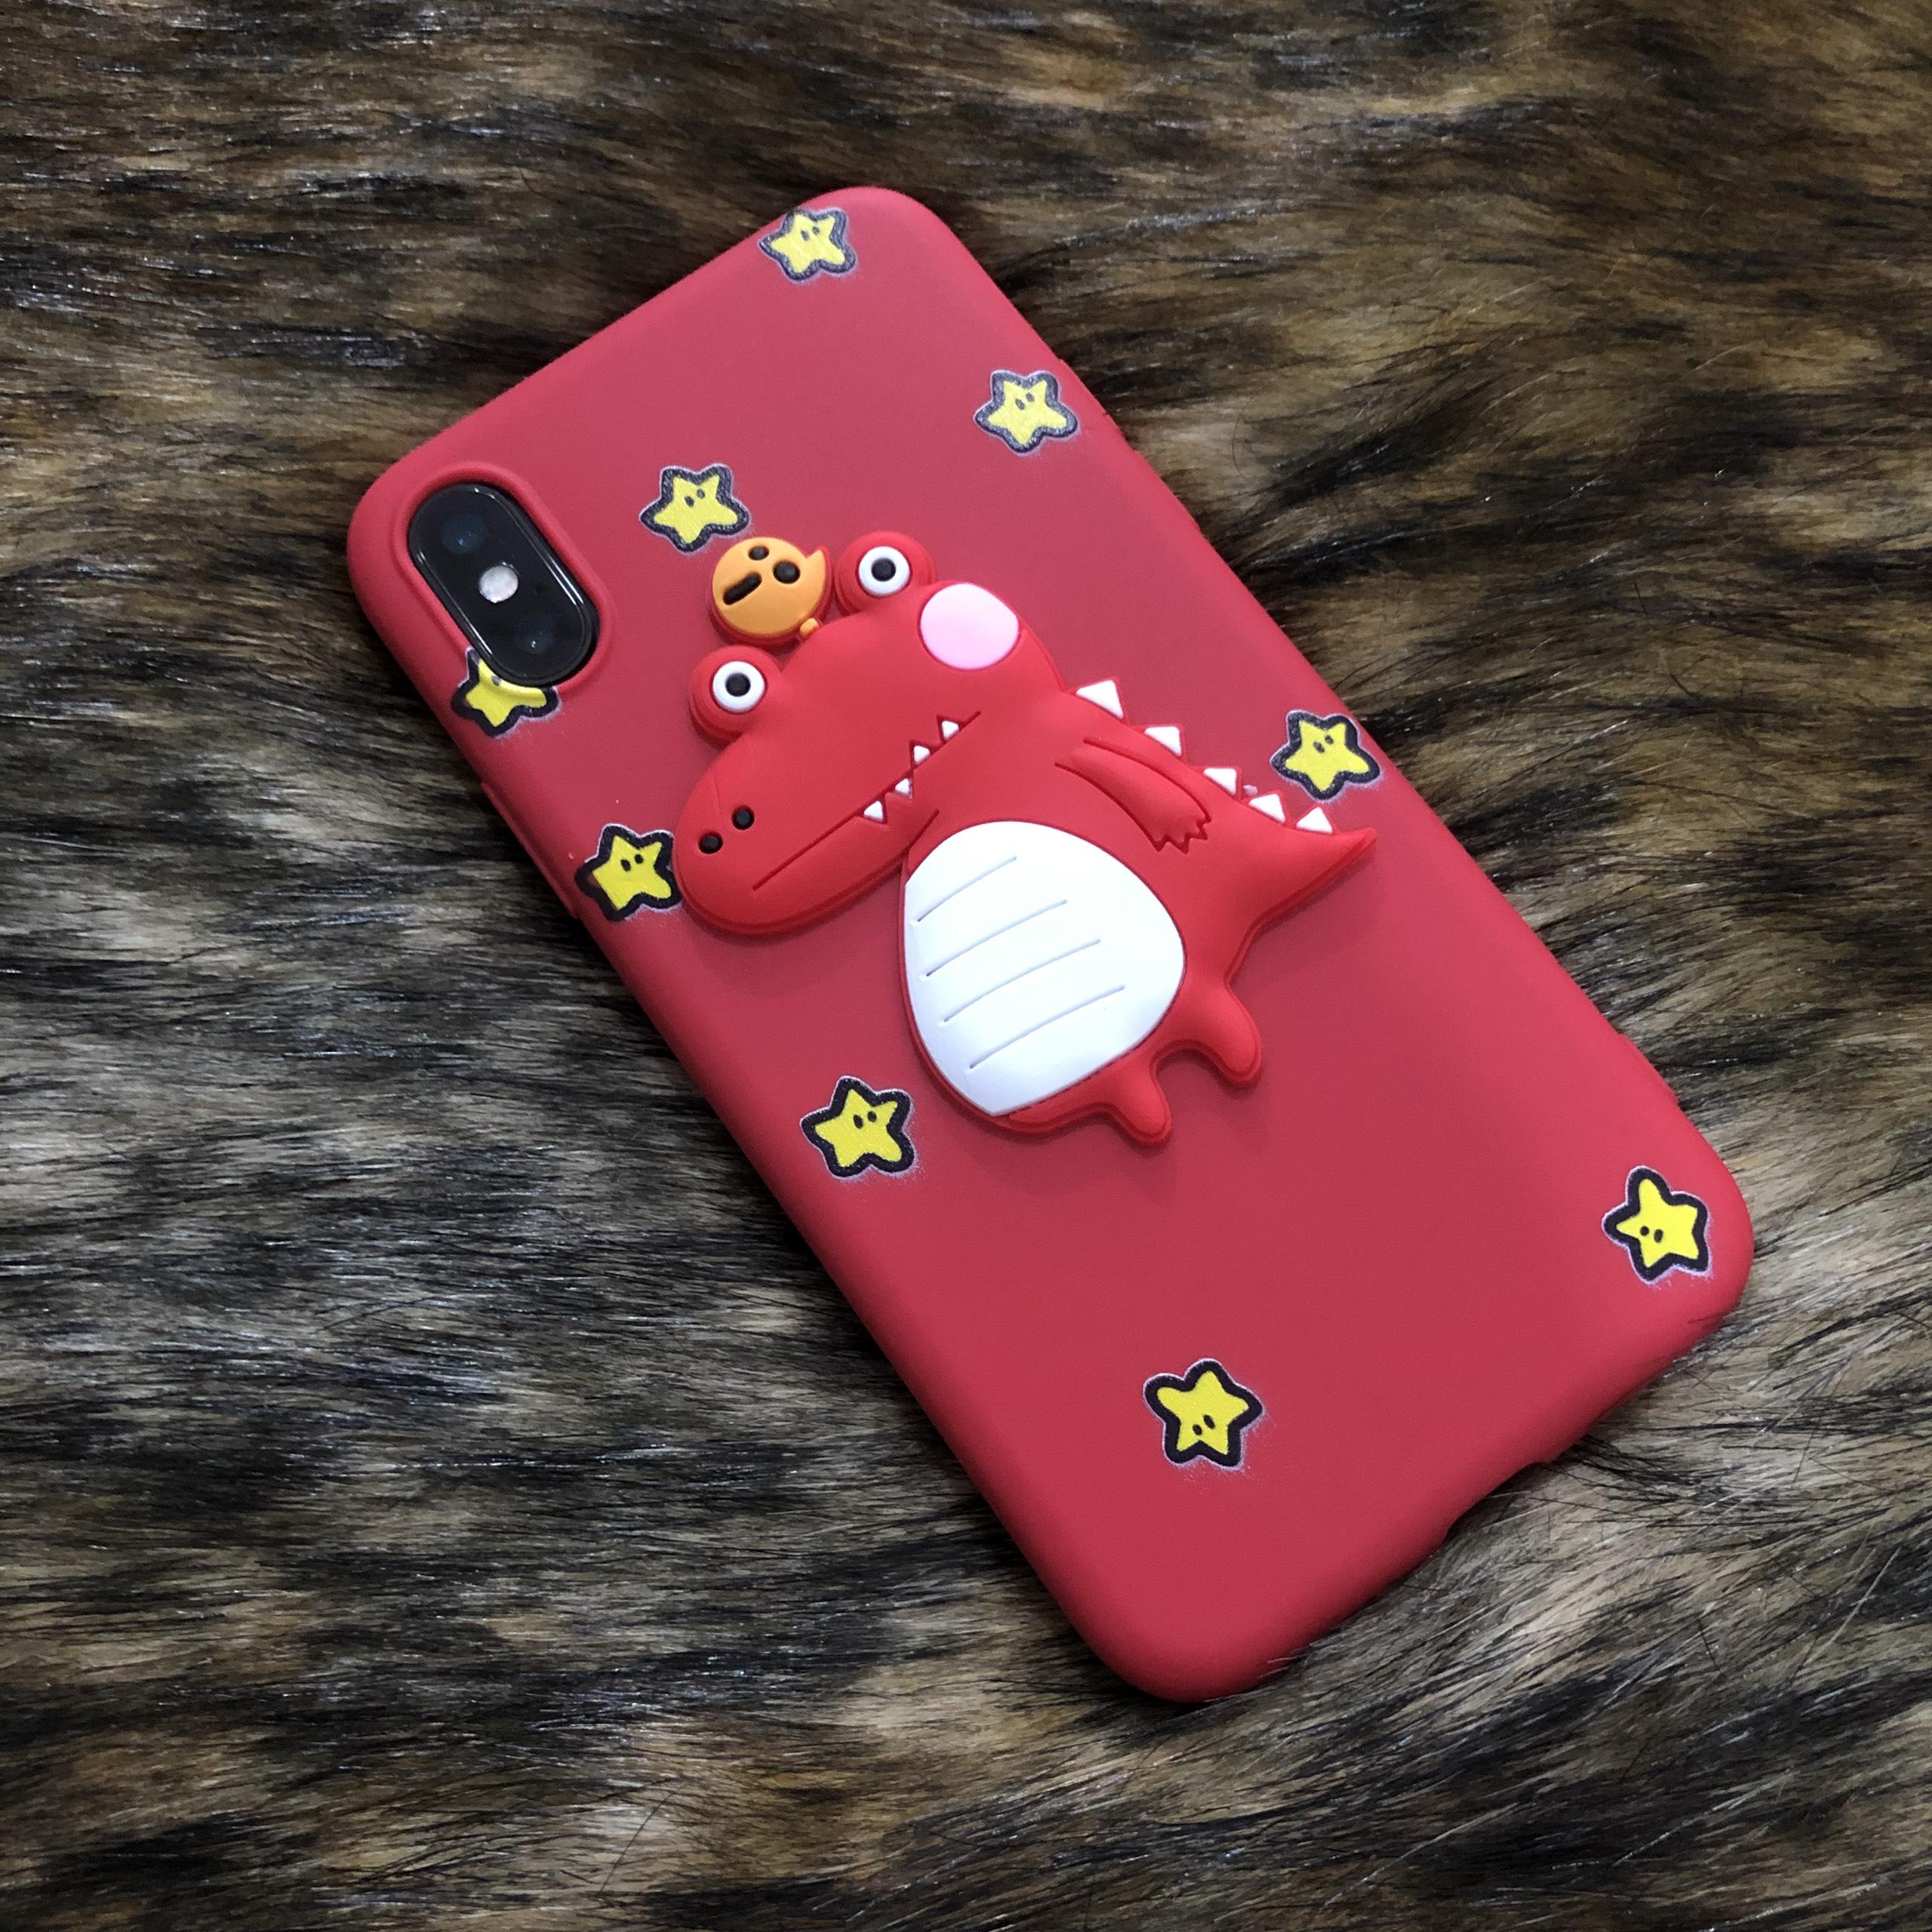 Ốp Dẻo TPU Hình Khủng Long Nổi Dành Cho Iphone - Màu Đỏ